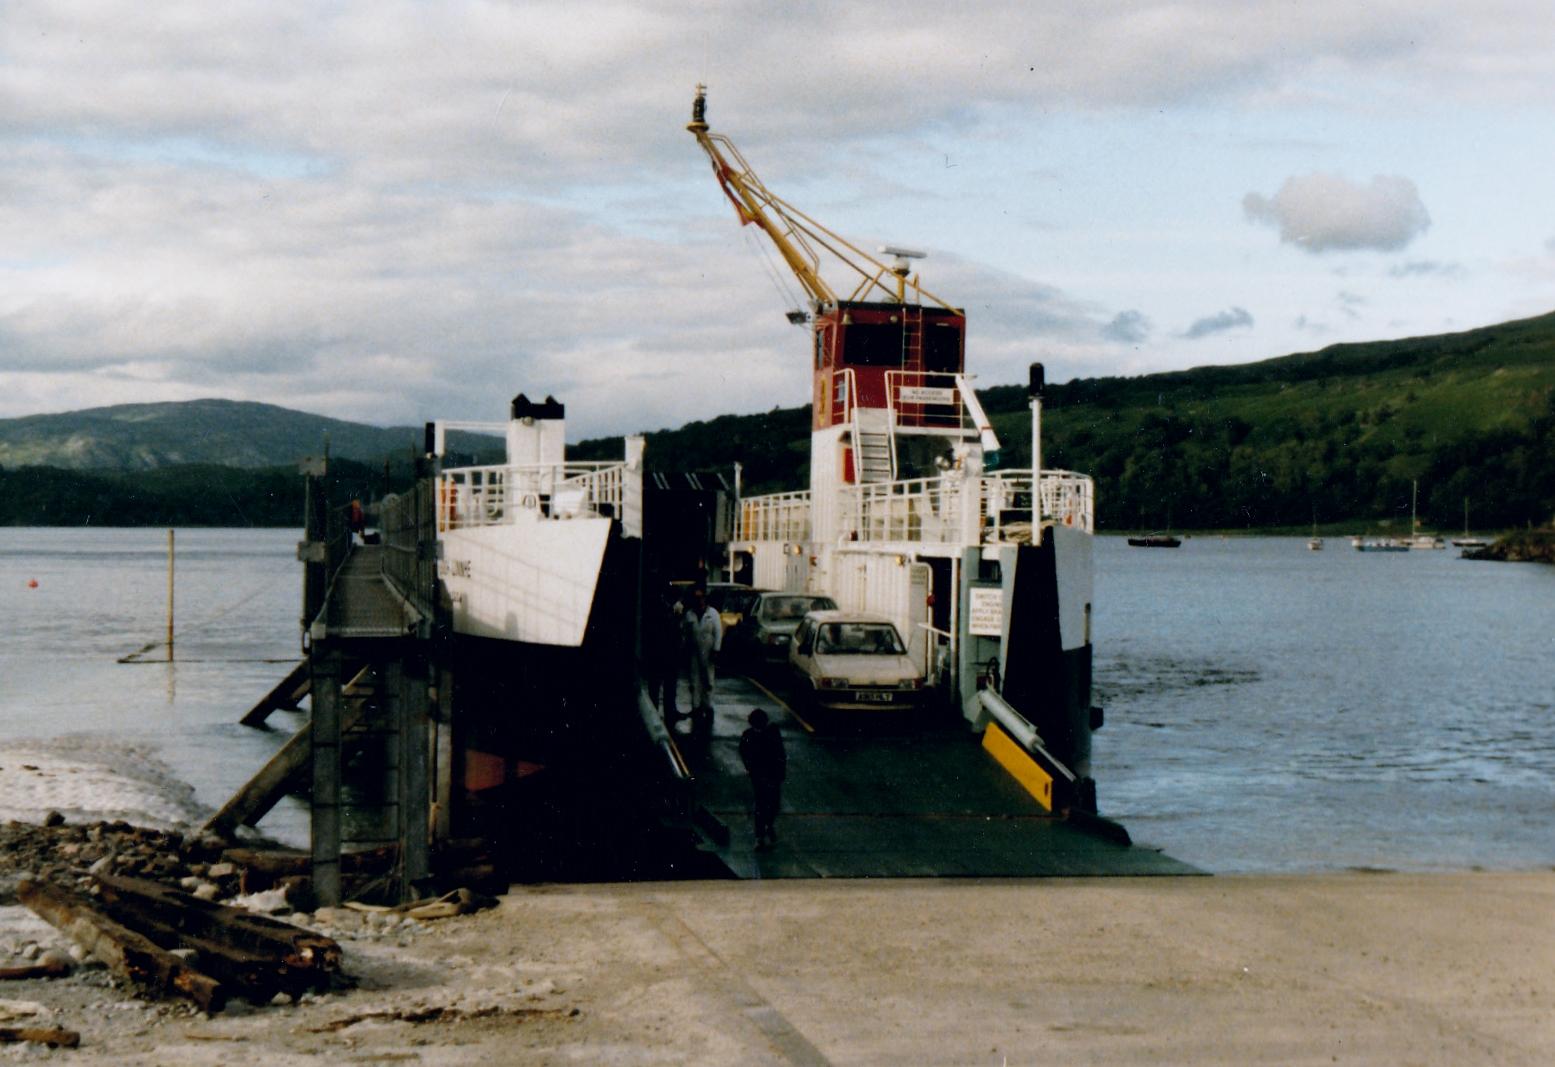 Loch Linnhe new in service at Lochaline (Jim Aikman Smith)